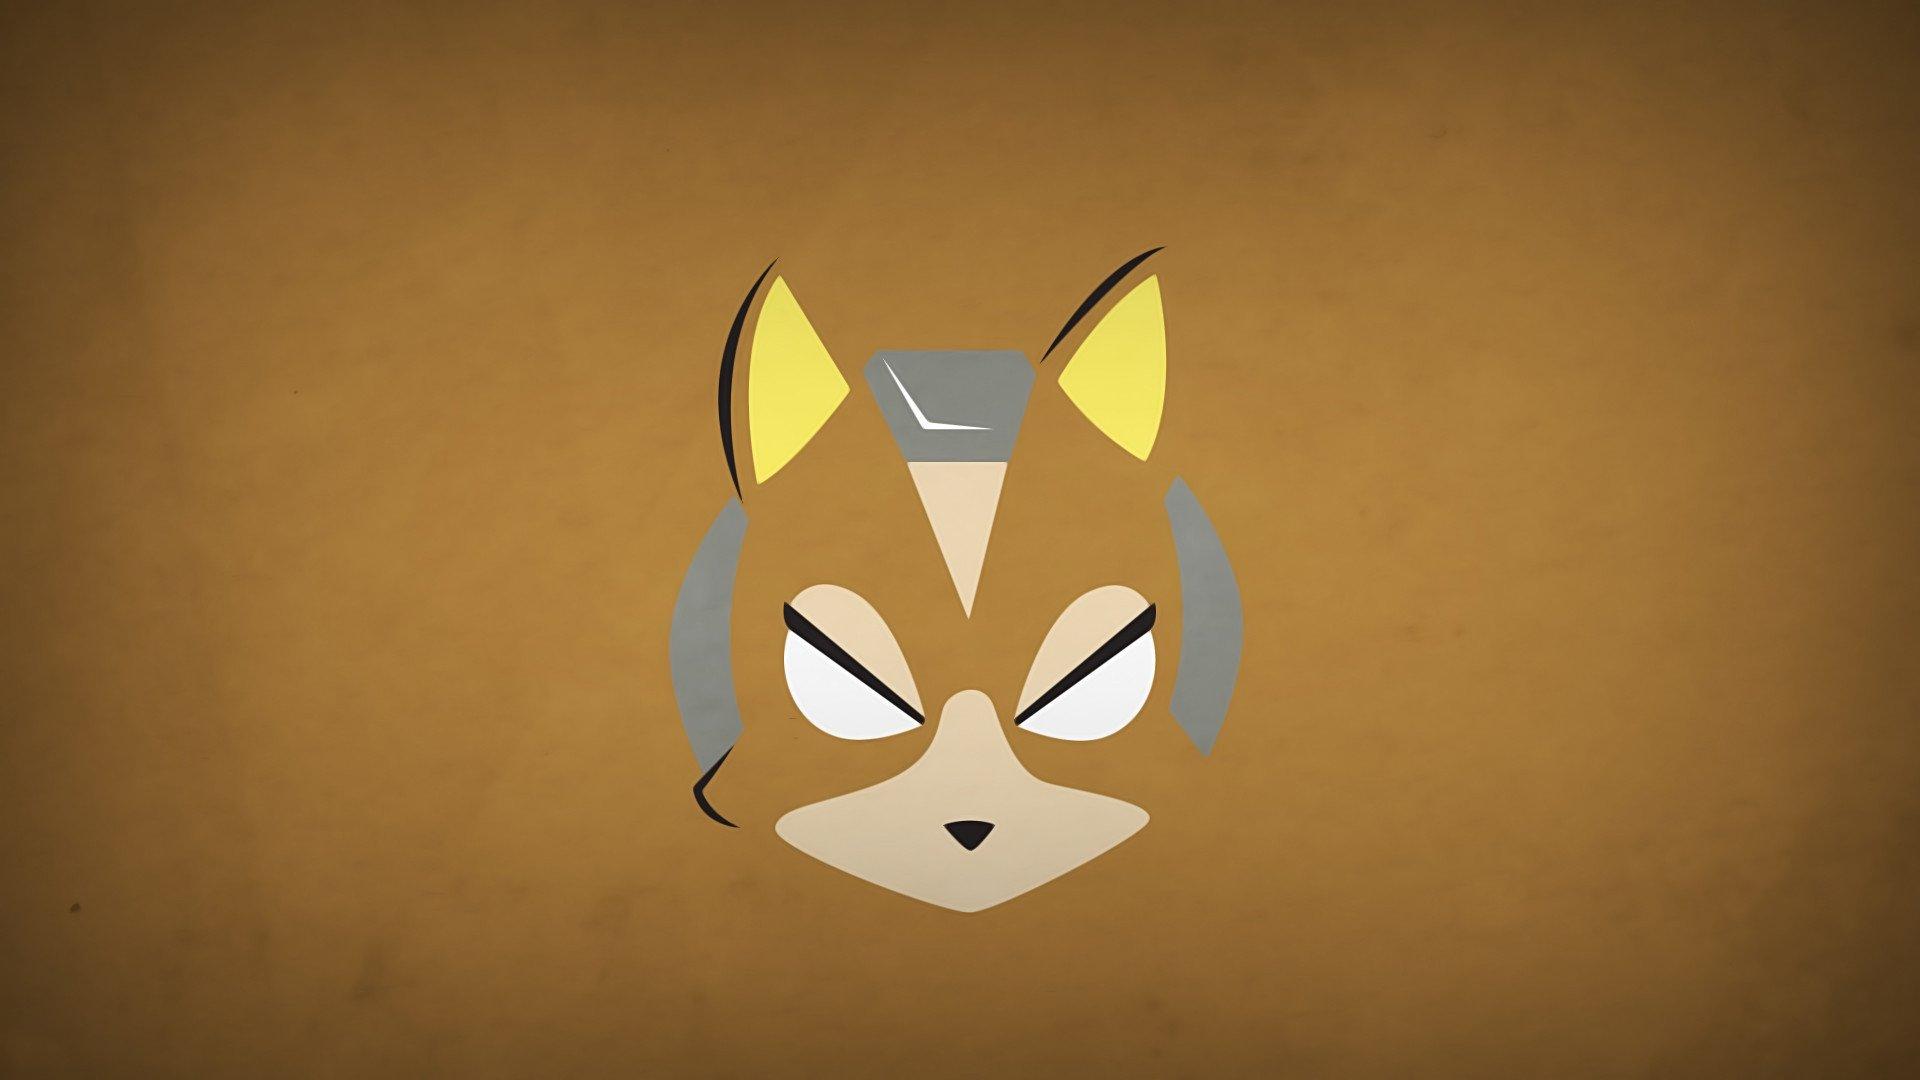 Star Fox HD Wallpaper